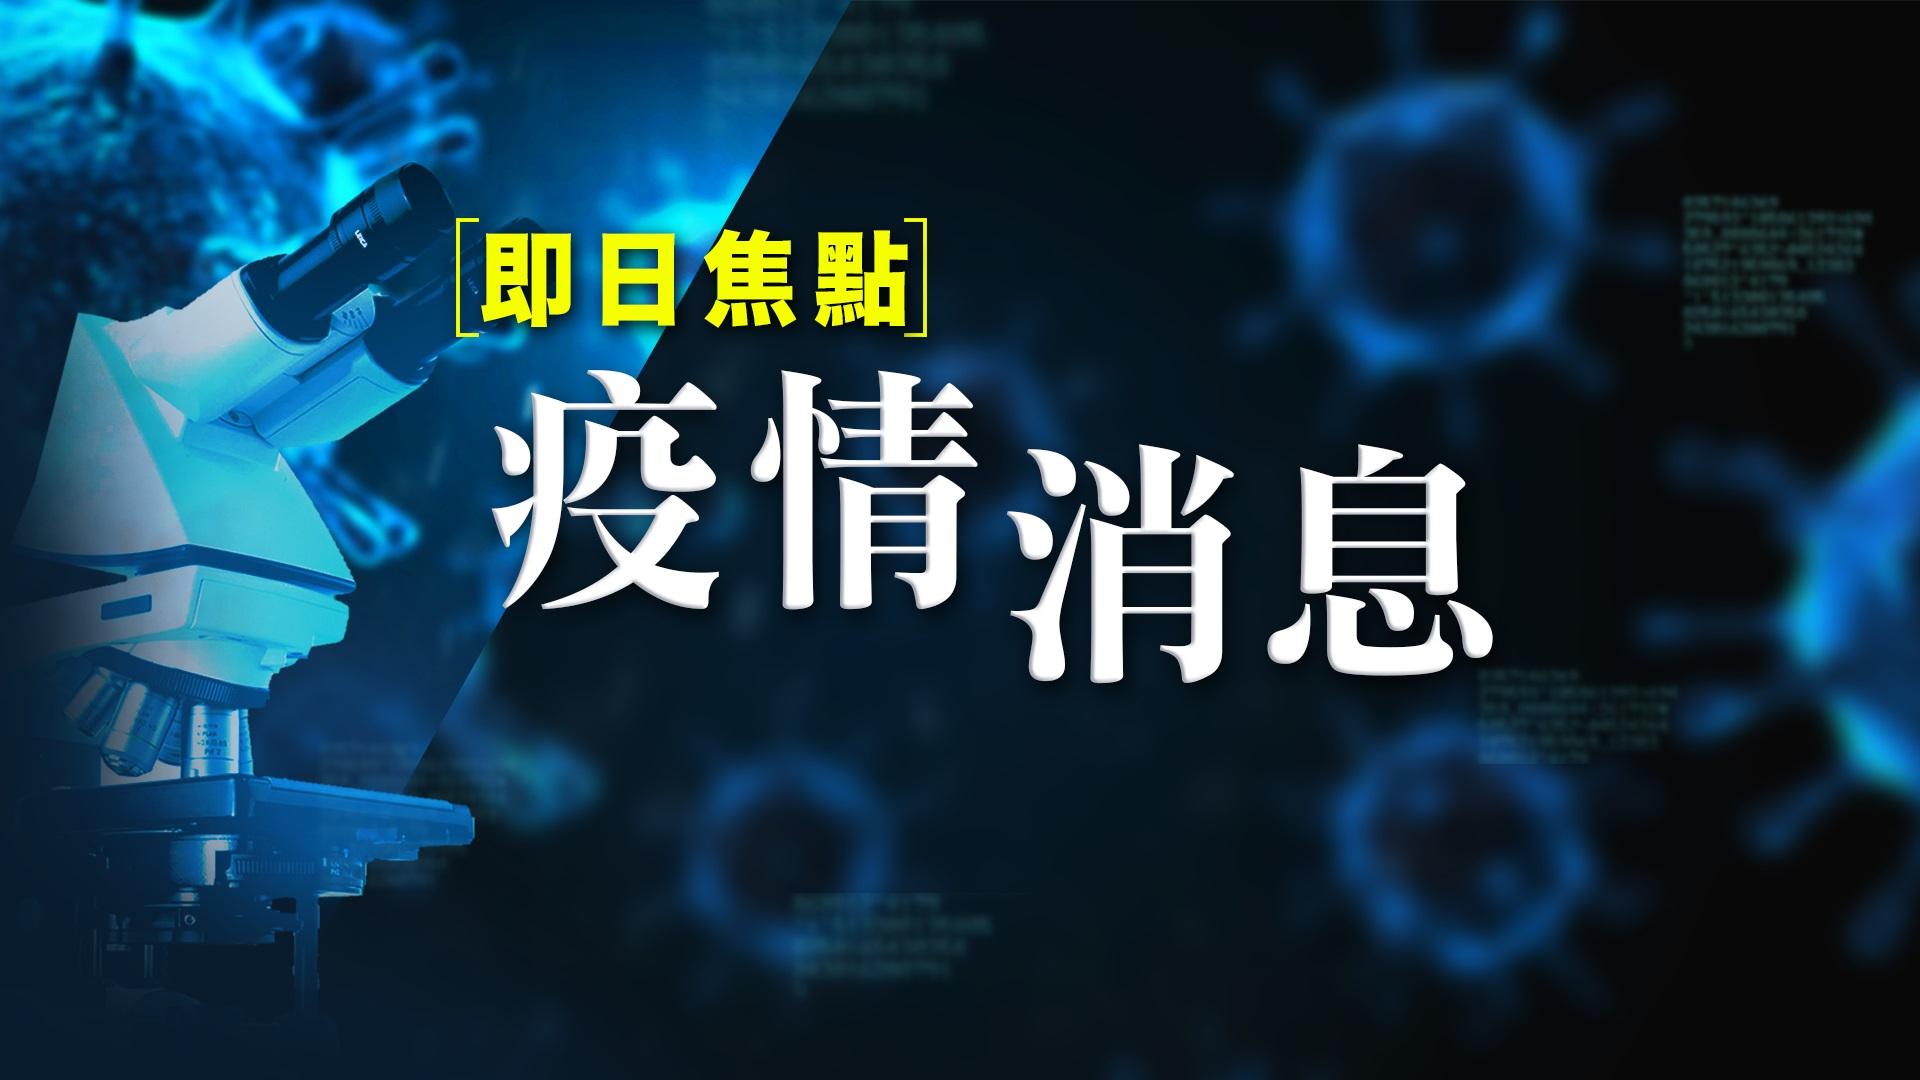 【即日焦點·疫情消息】亨泰樓確診者住埃及團夫婦樓上 專家小組到場視察 ;日本動畫疫情下延期停播 皆因外判工序中國?